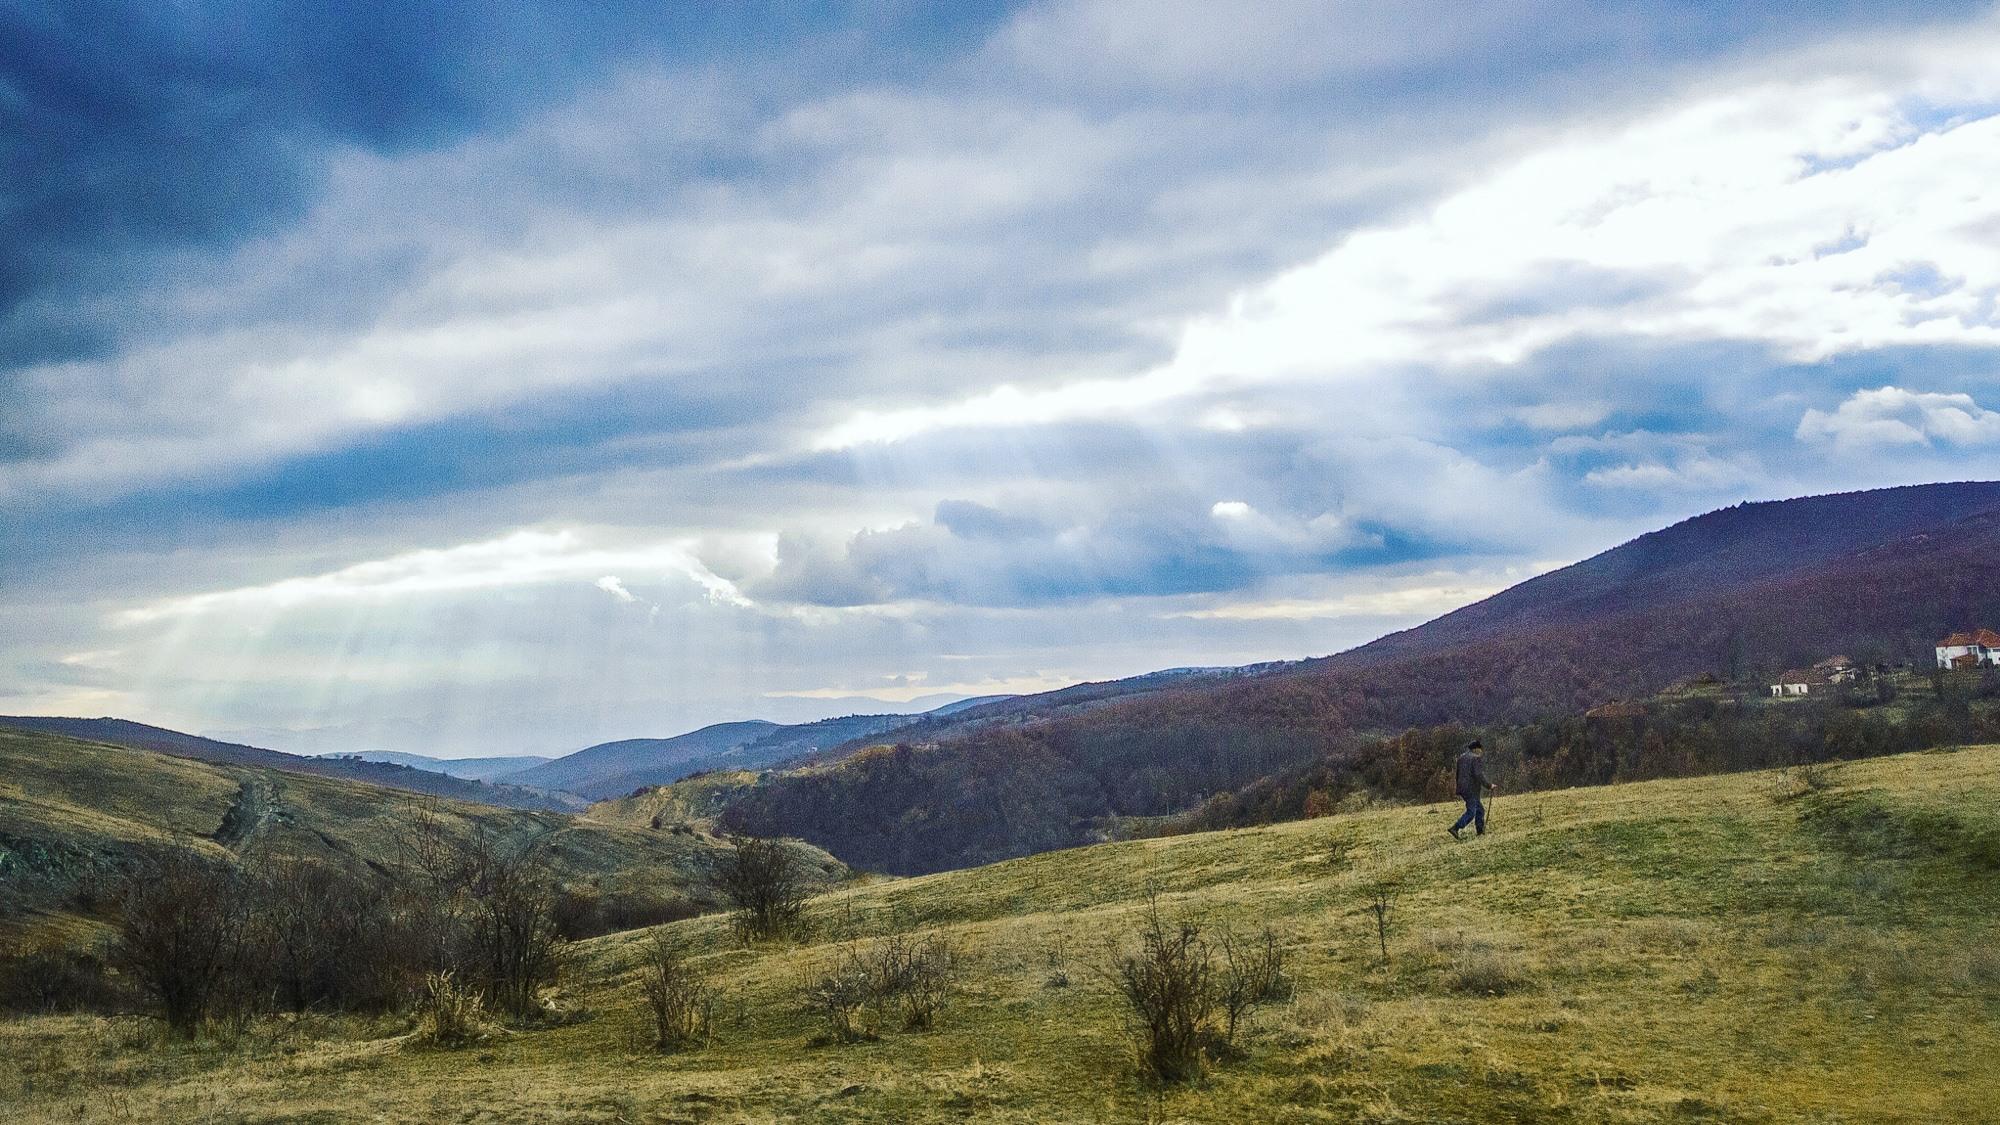 Un paysan au Kosovo : jolie scène bucolique ou reportage dans un pays ravagé ?